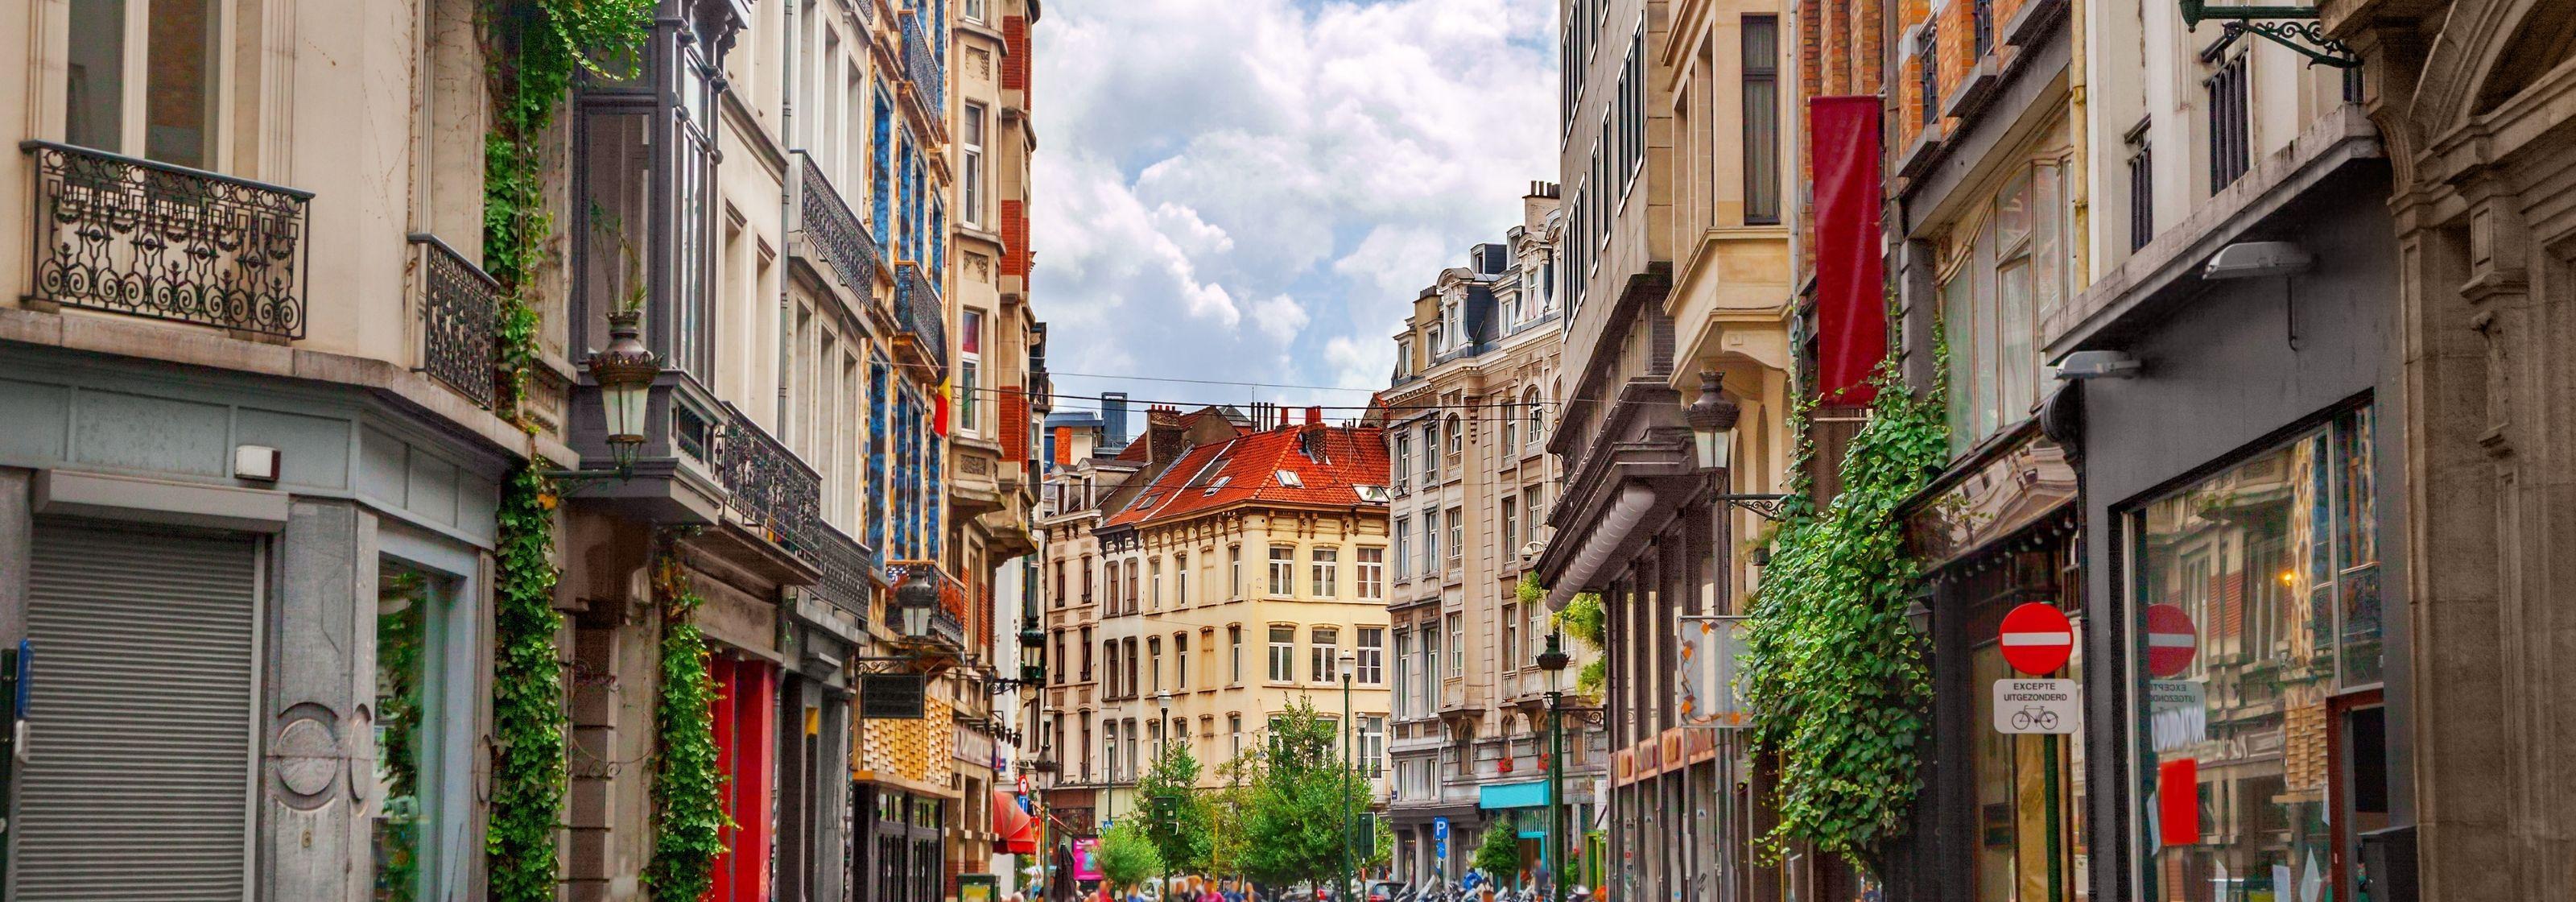 Choses à faire à Bruxelles